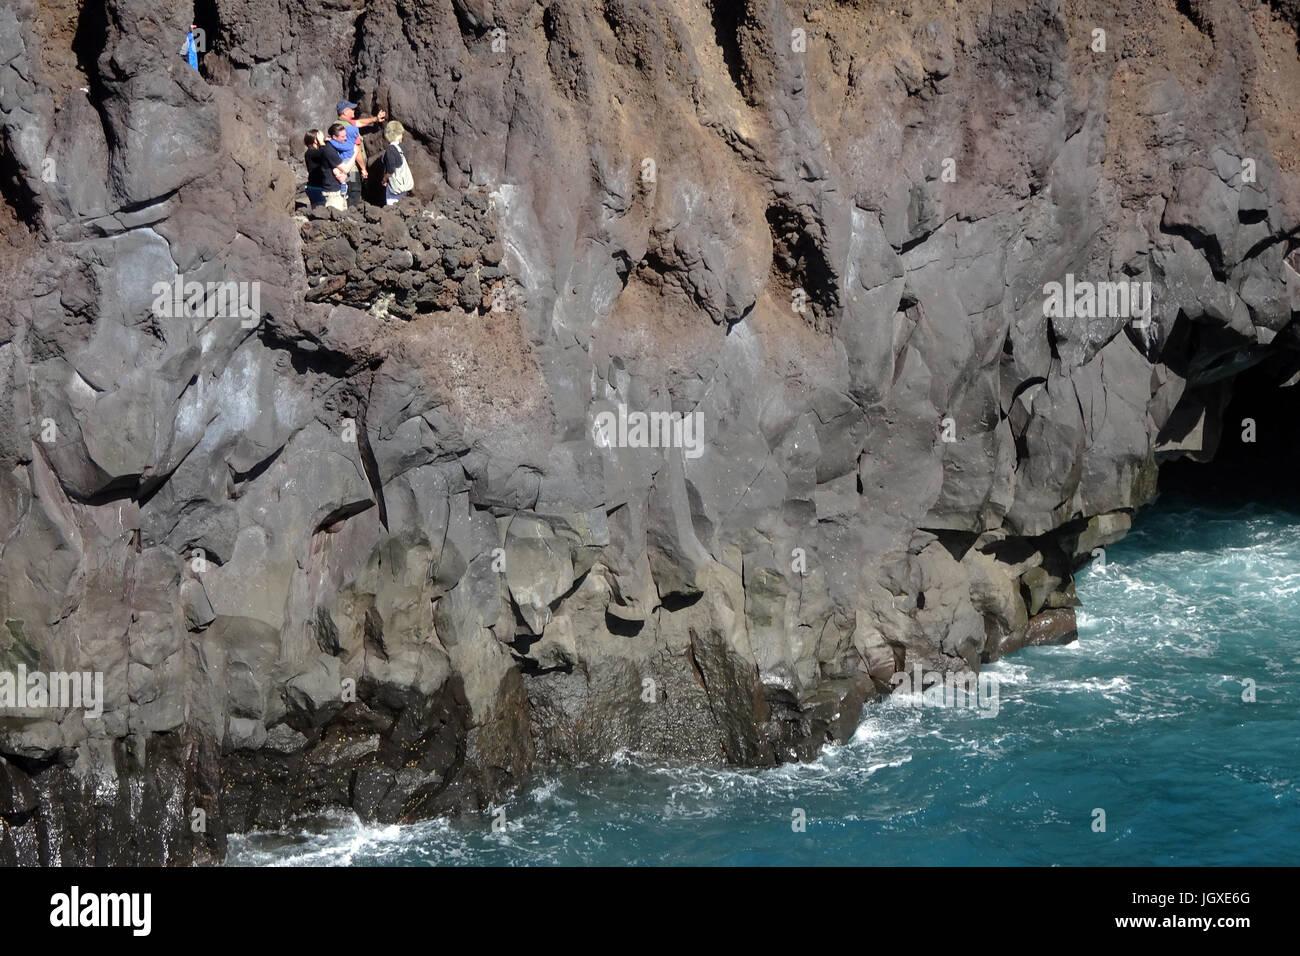 Touristen auf einer kleinen Aussichtsplattfon an der Felskueste Los Hervideros, El Golfo, Lanzarote, Kanarische - Stock Image